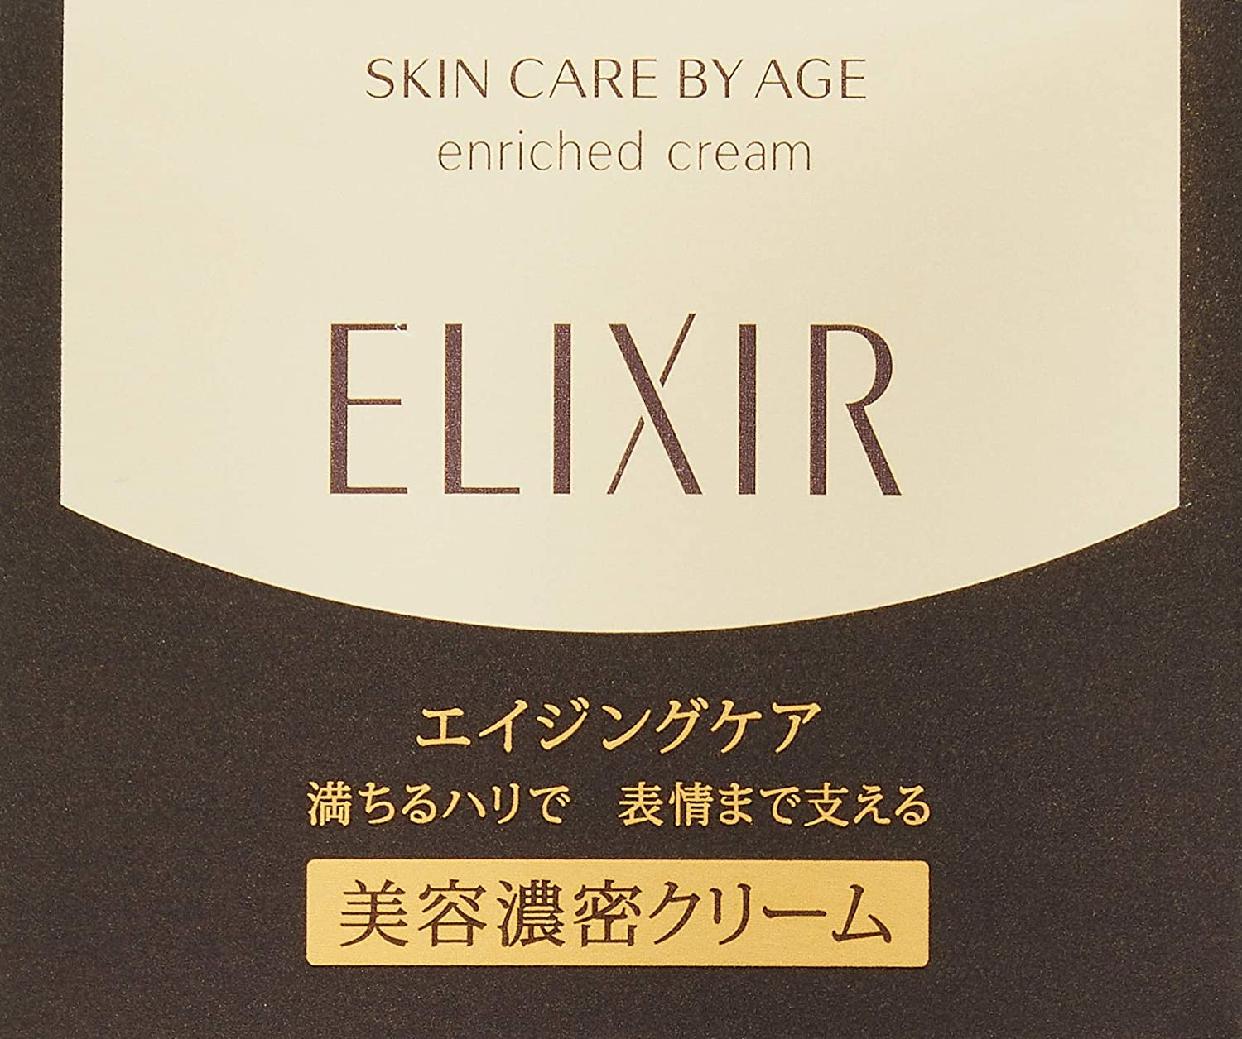 ELIXIR SUPERIEUR(エリクシール シュペリエル)エンリッチドクリーム TBの商品画像4